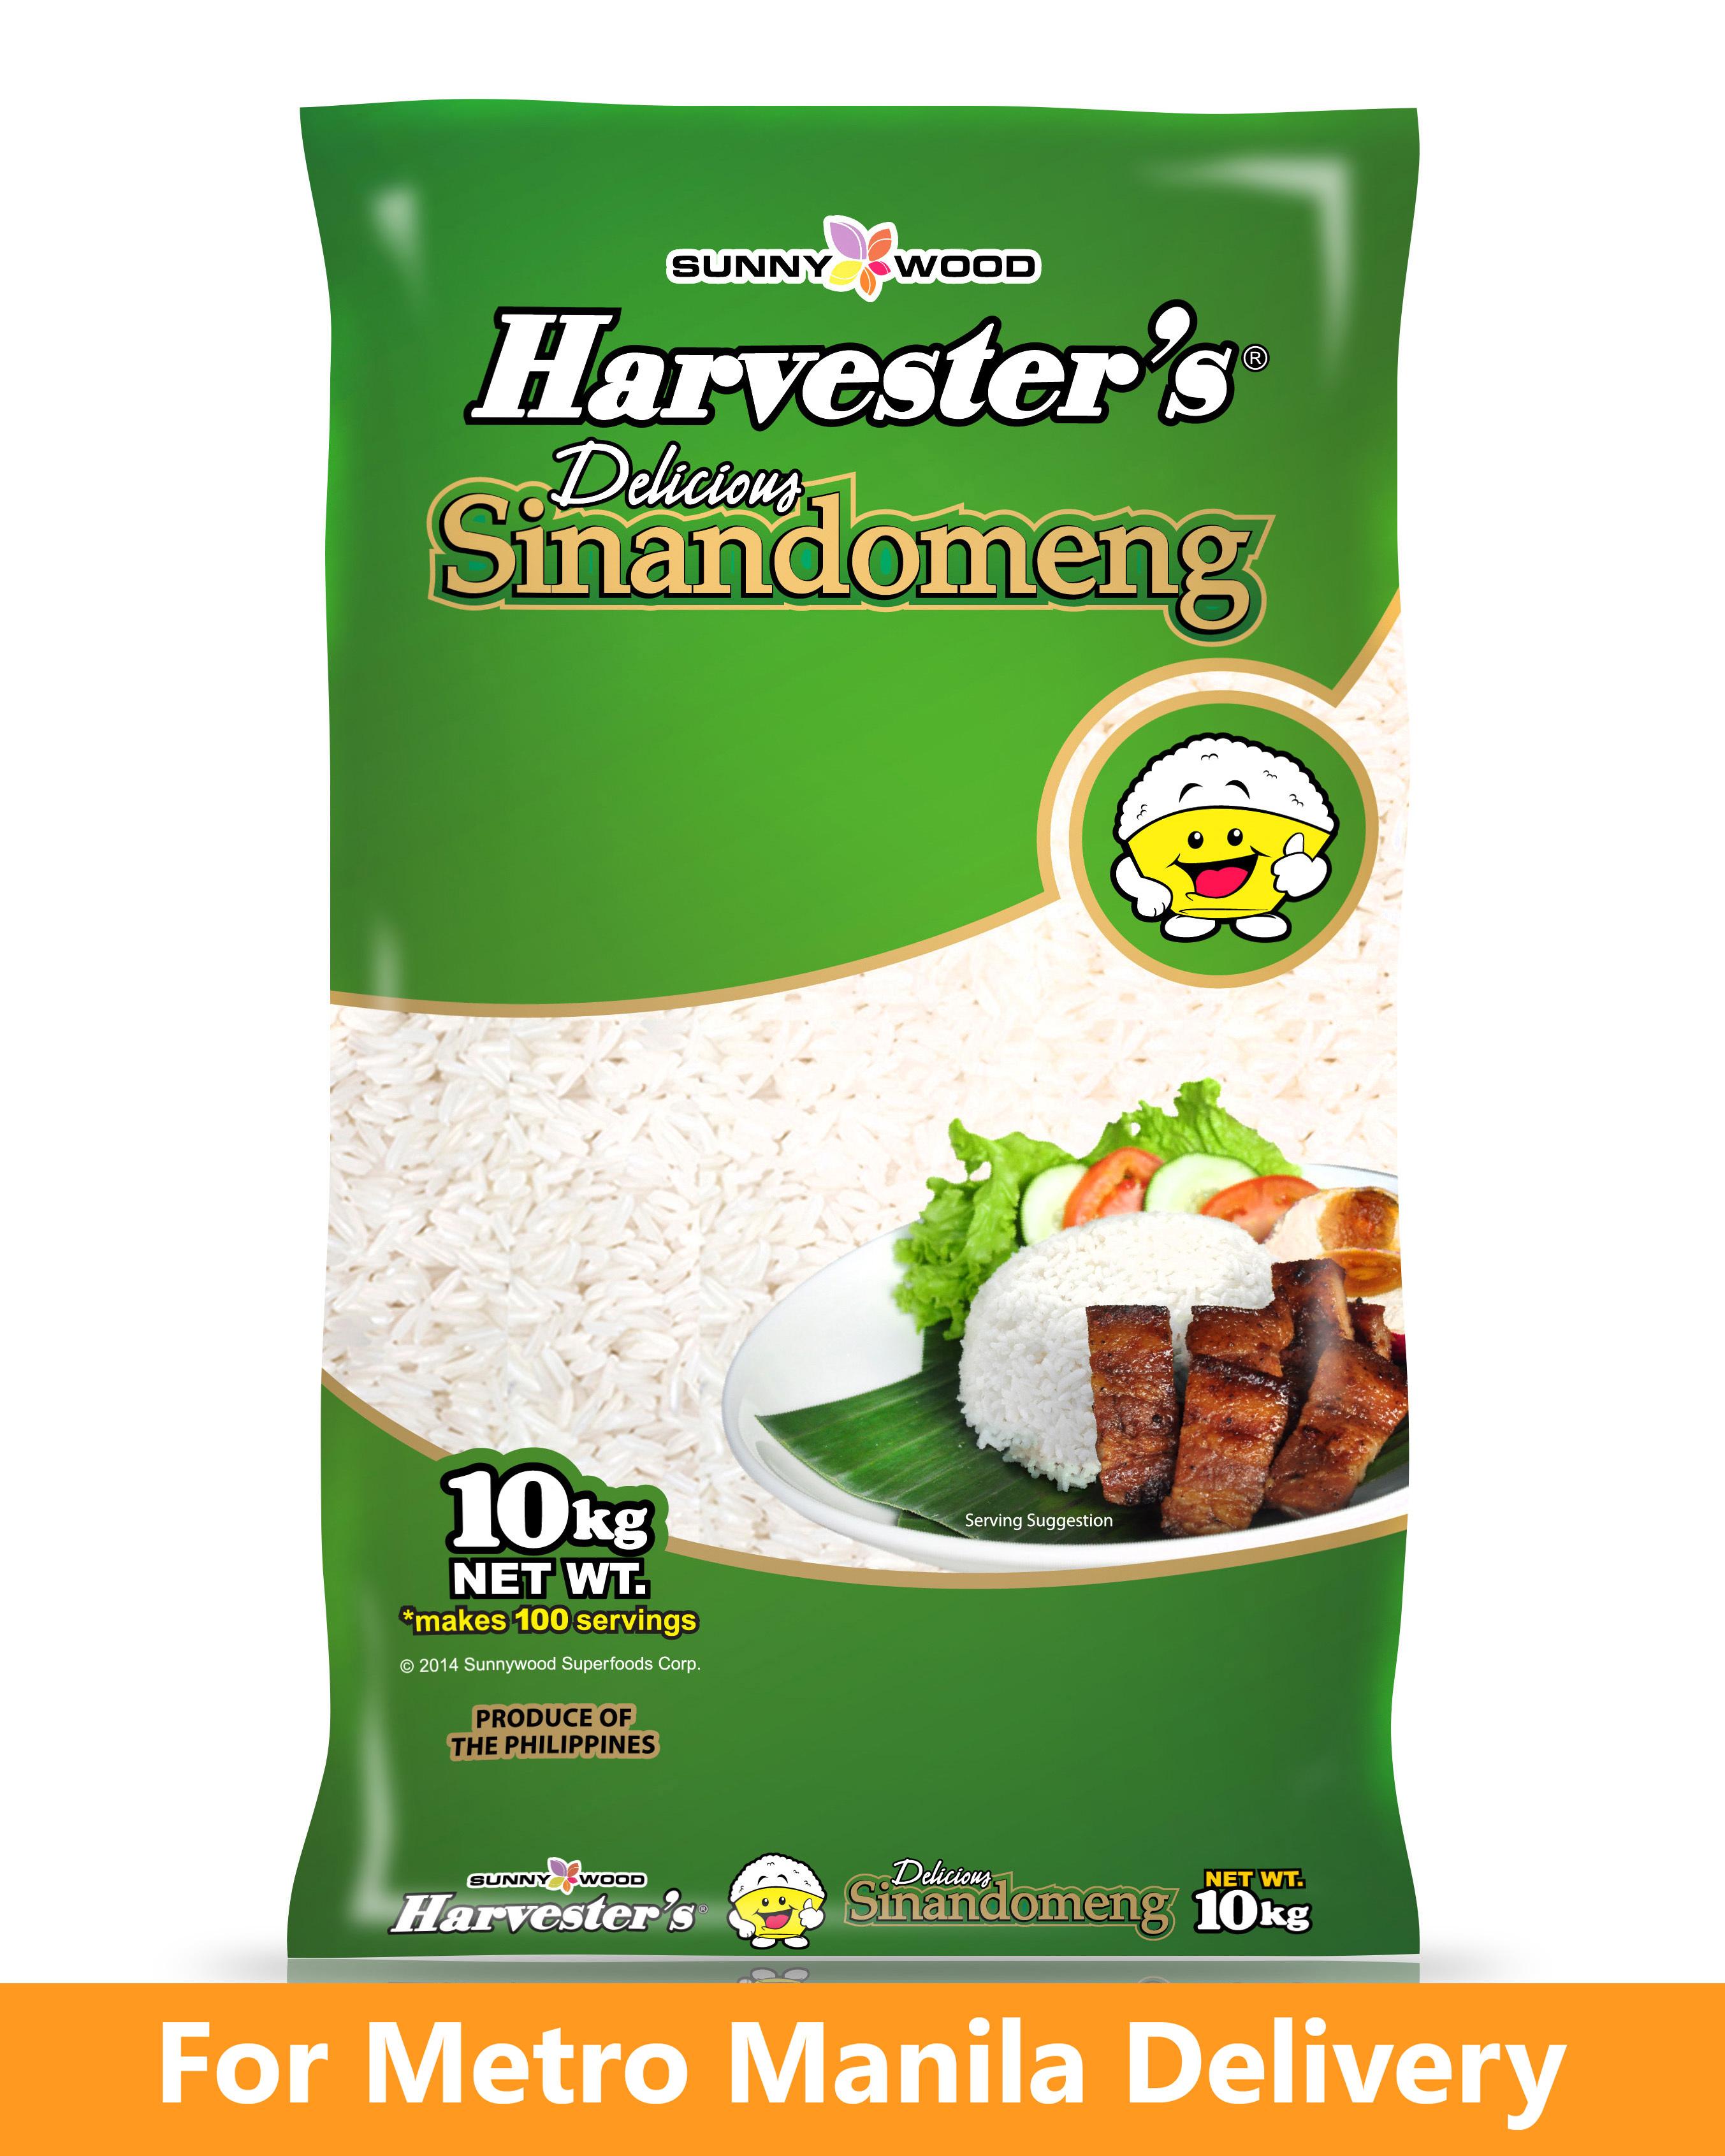 HARVESTER'S Sinandomeng - 10kg (4809010955111)